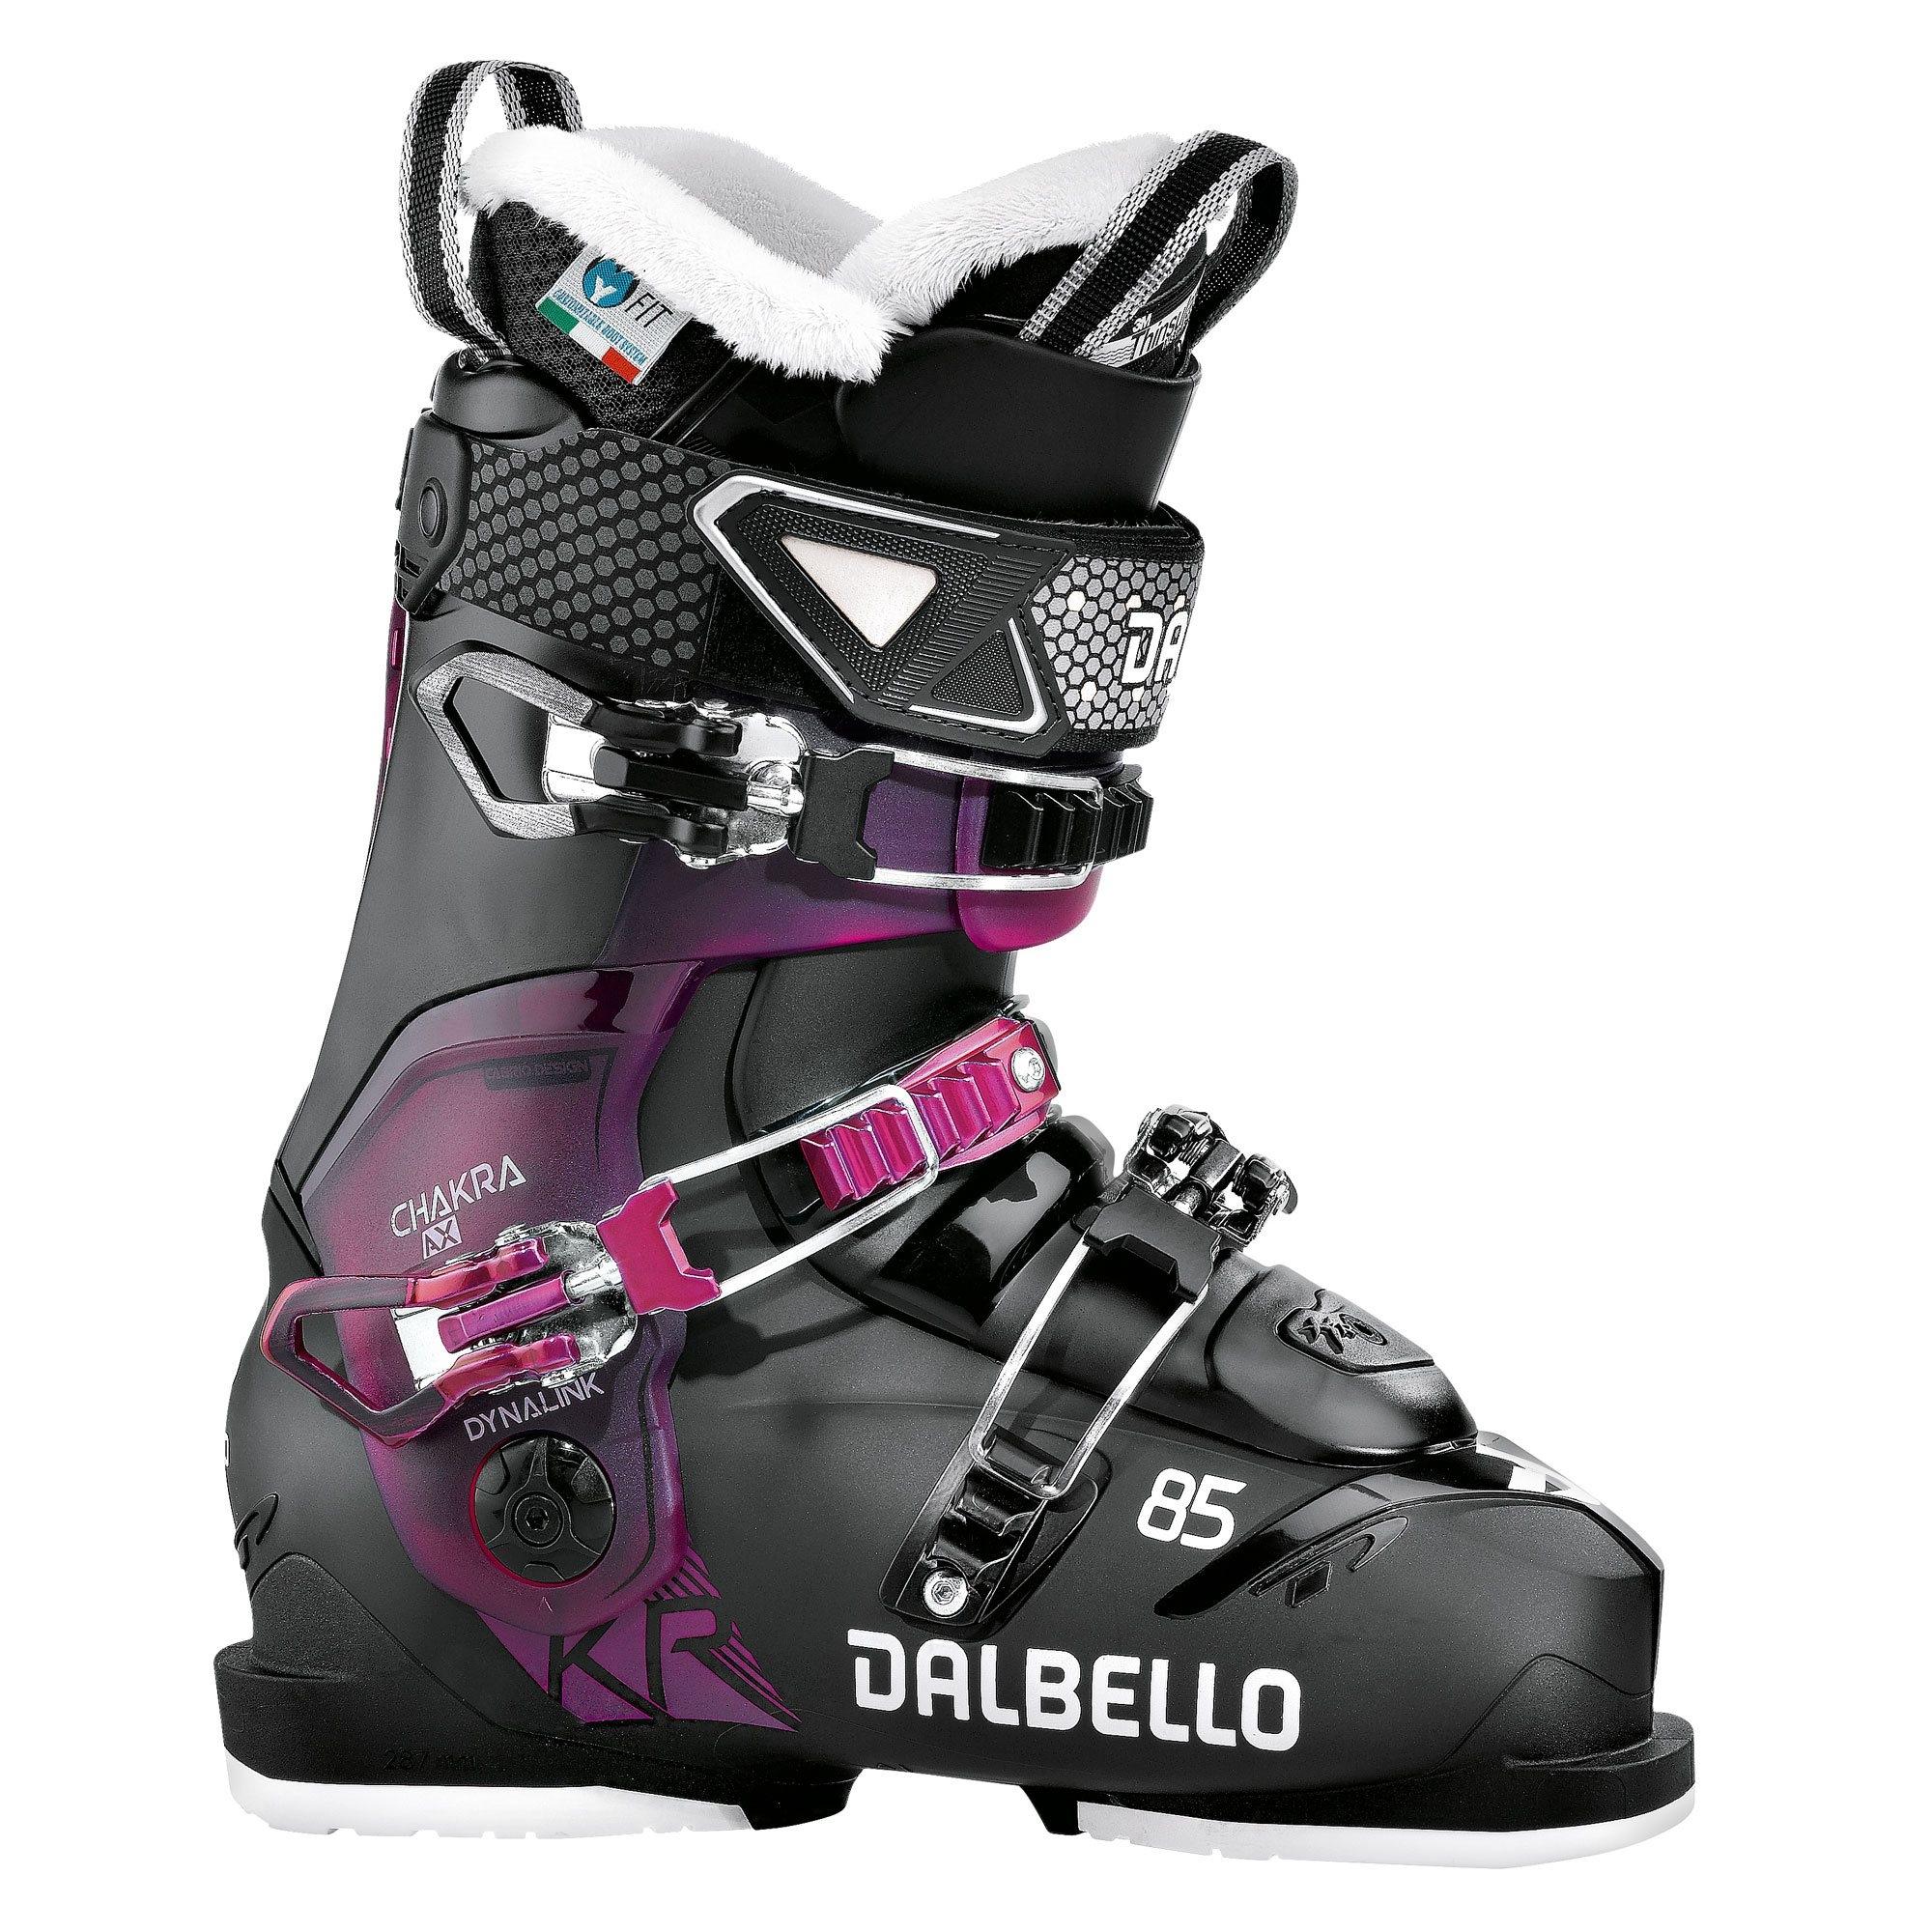 Dalbello Chakra AX 85 Ski Boot Black/Fuchsia 2018